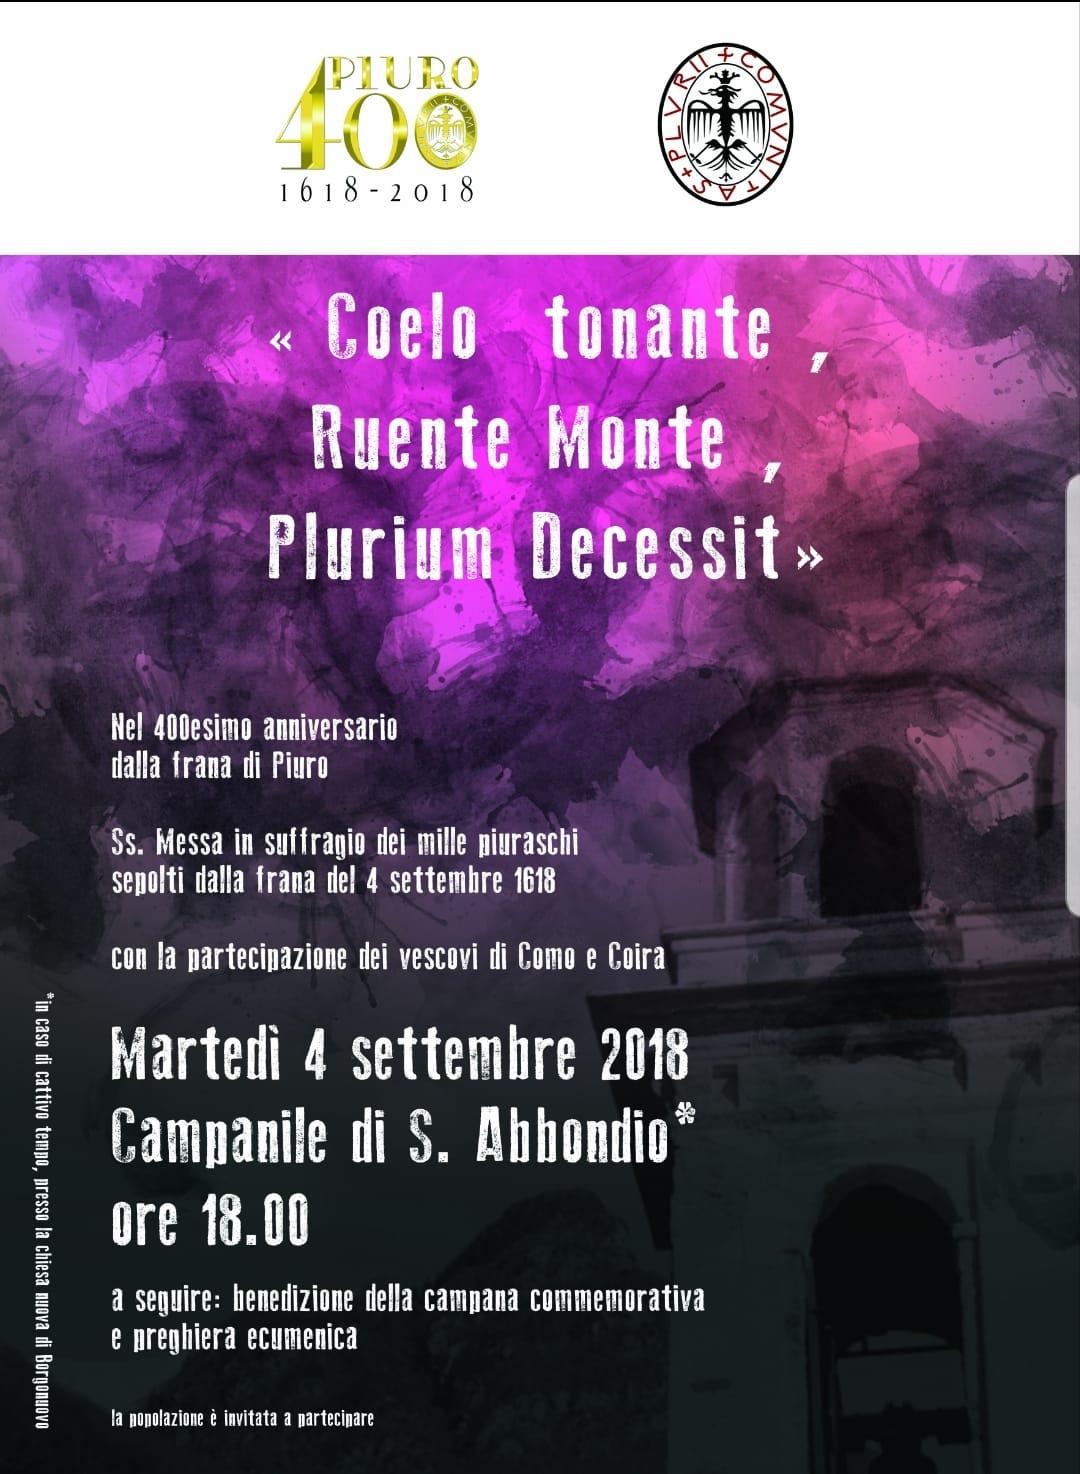 COELO TONANTE, RUENTE MONTE, PLURIUM DECESSIT